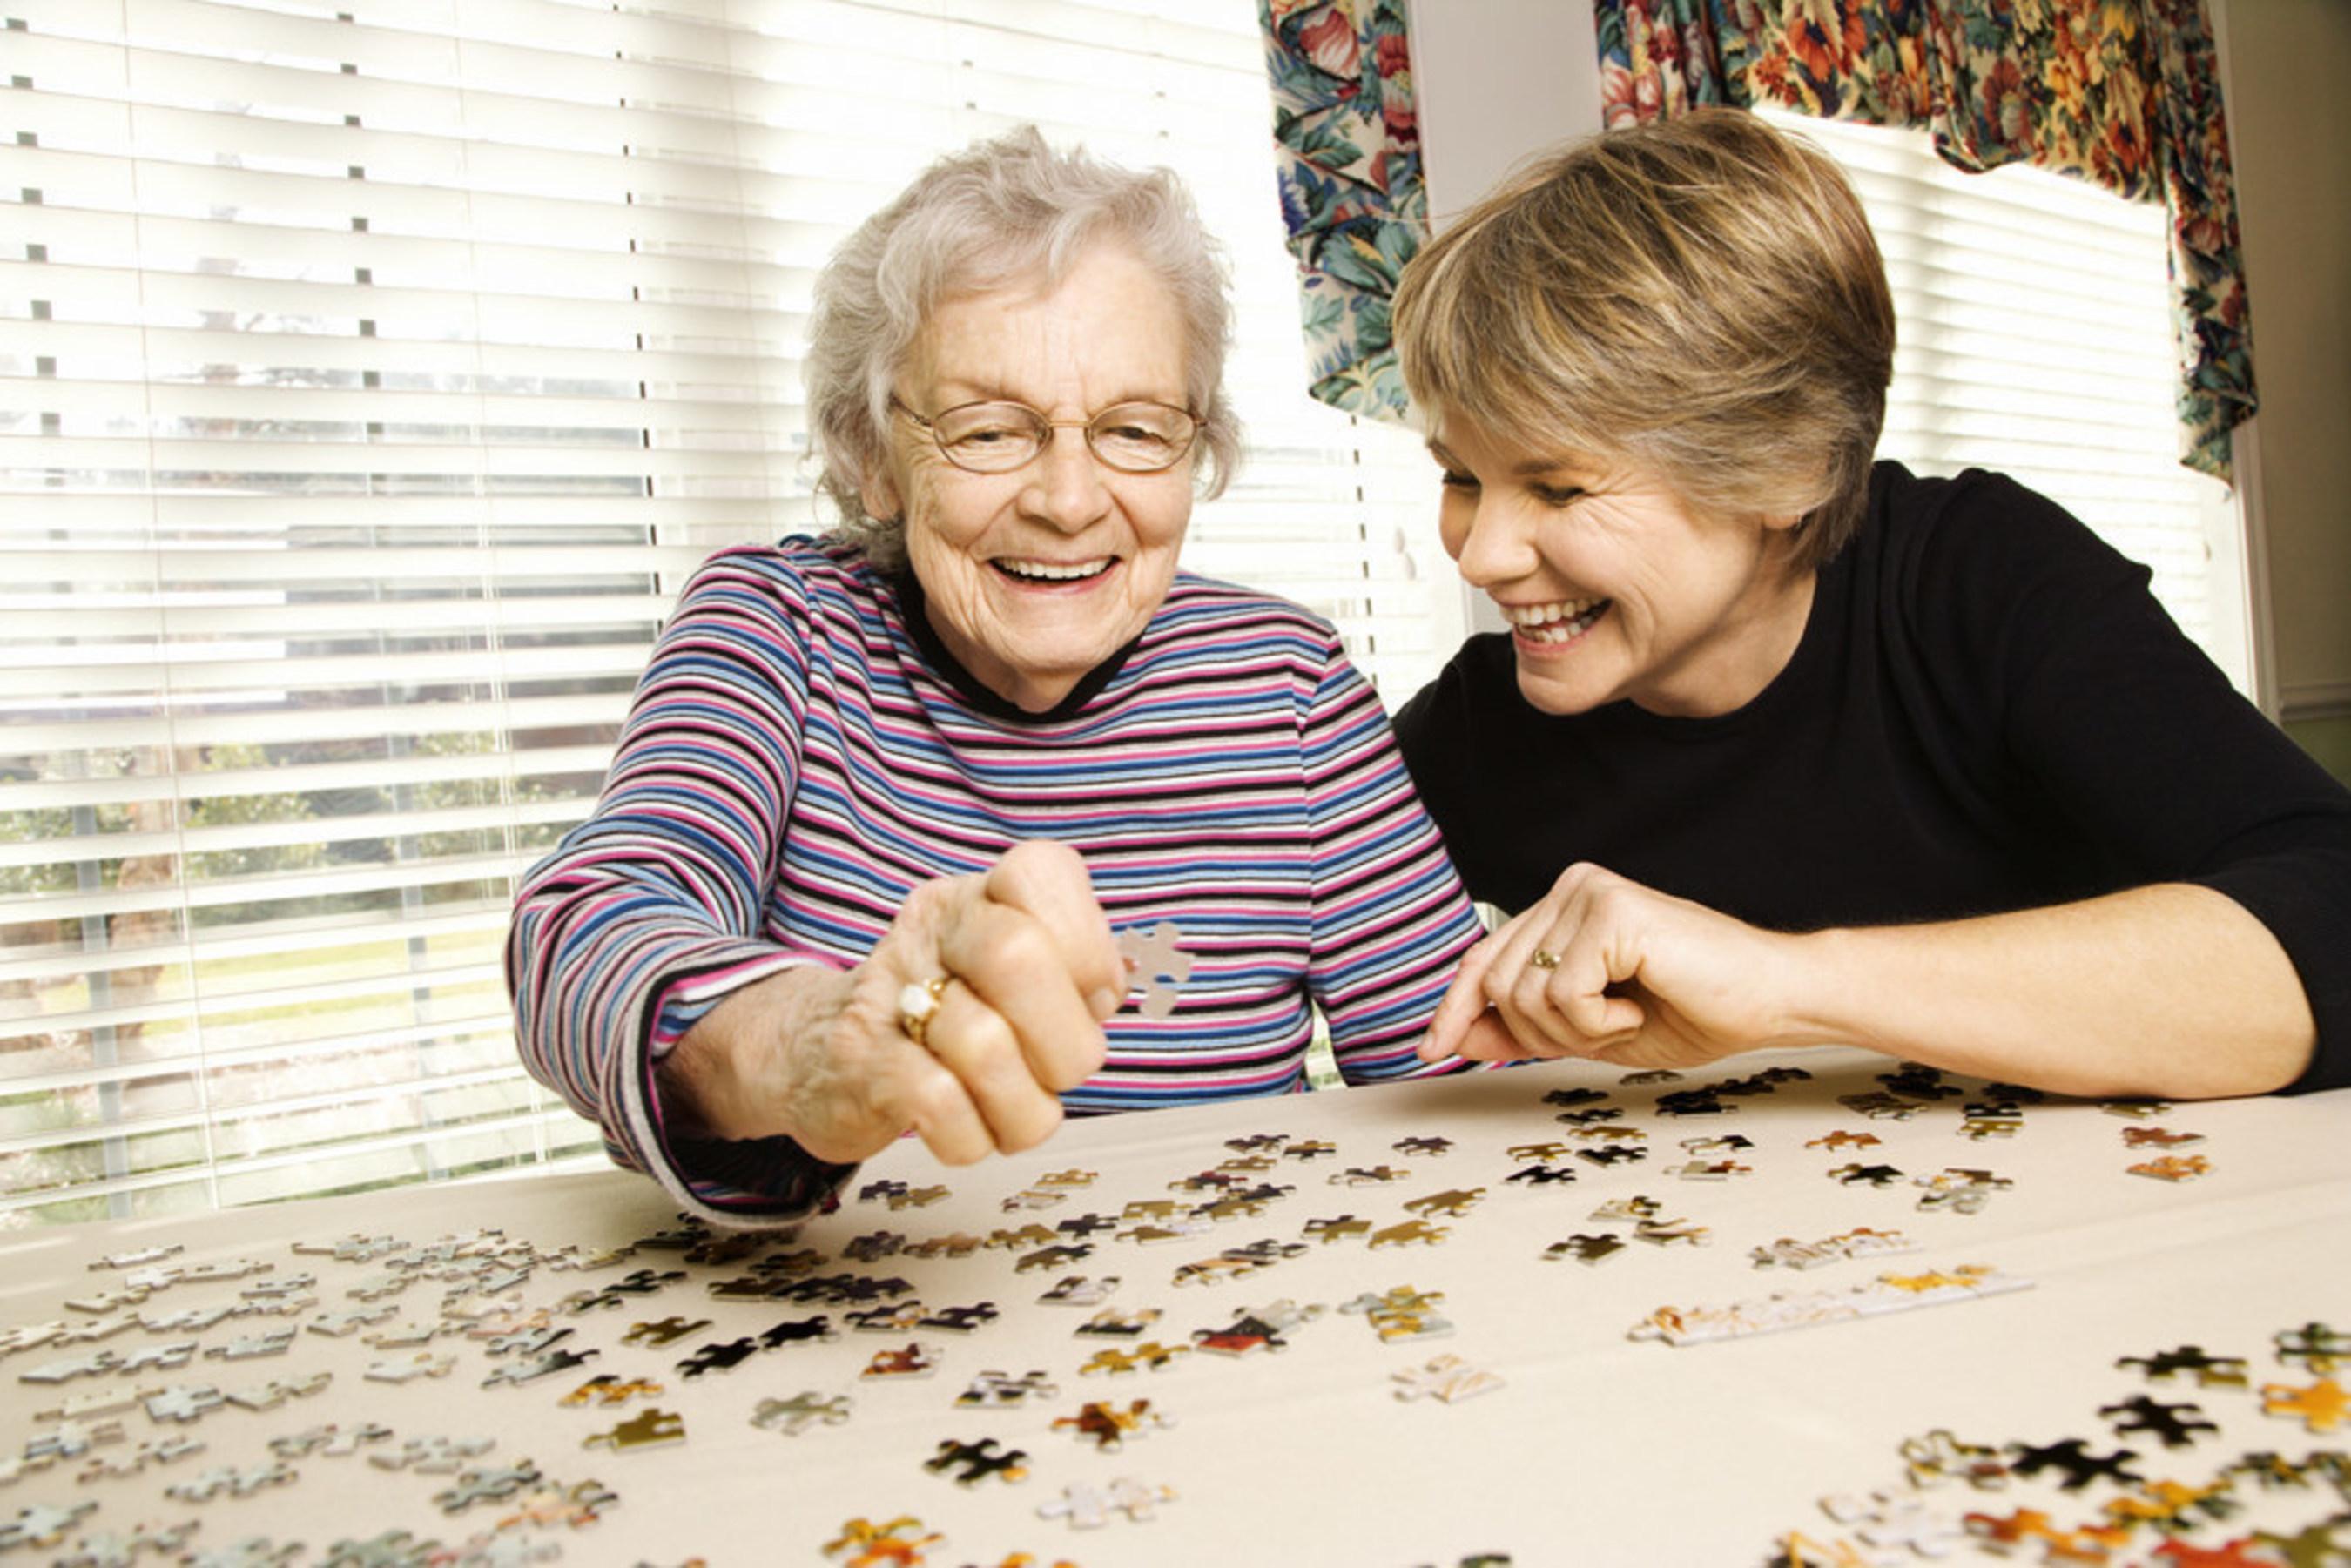 Personas mayores con baja visión: sencillas modificaciones en el hogar pueden ayudar a disminuir la